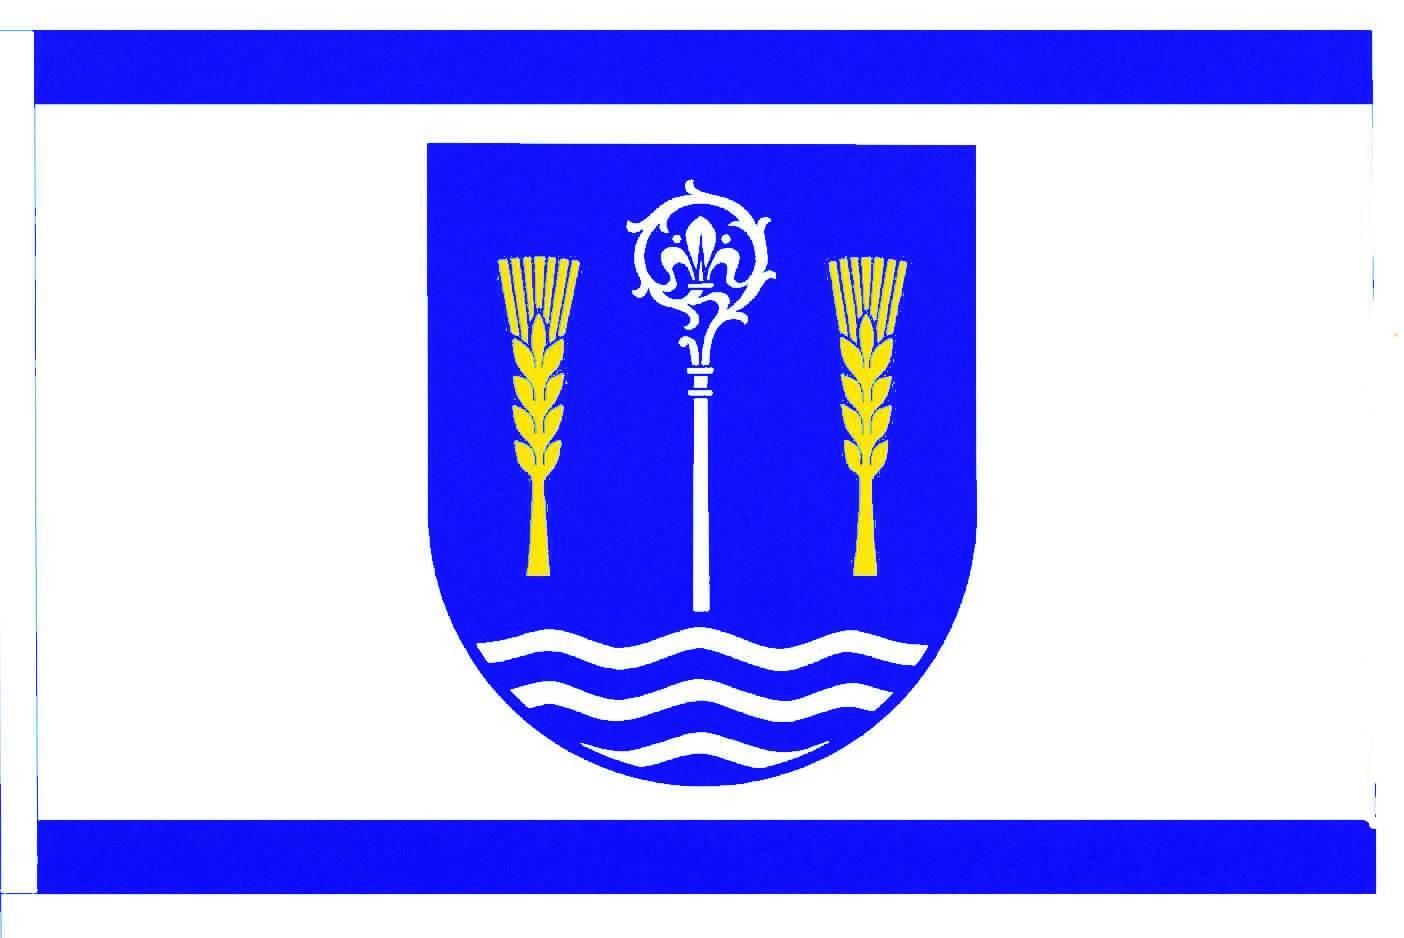 Flagge GemeindeMünsterdorf, Kreis Steinburg